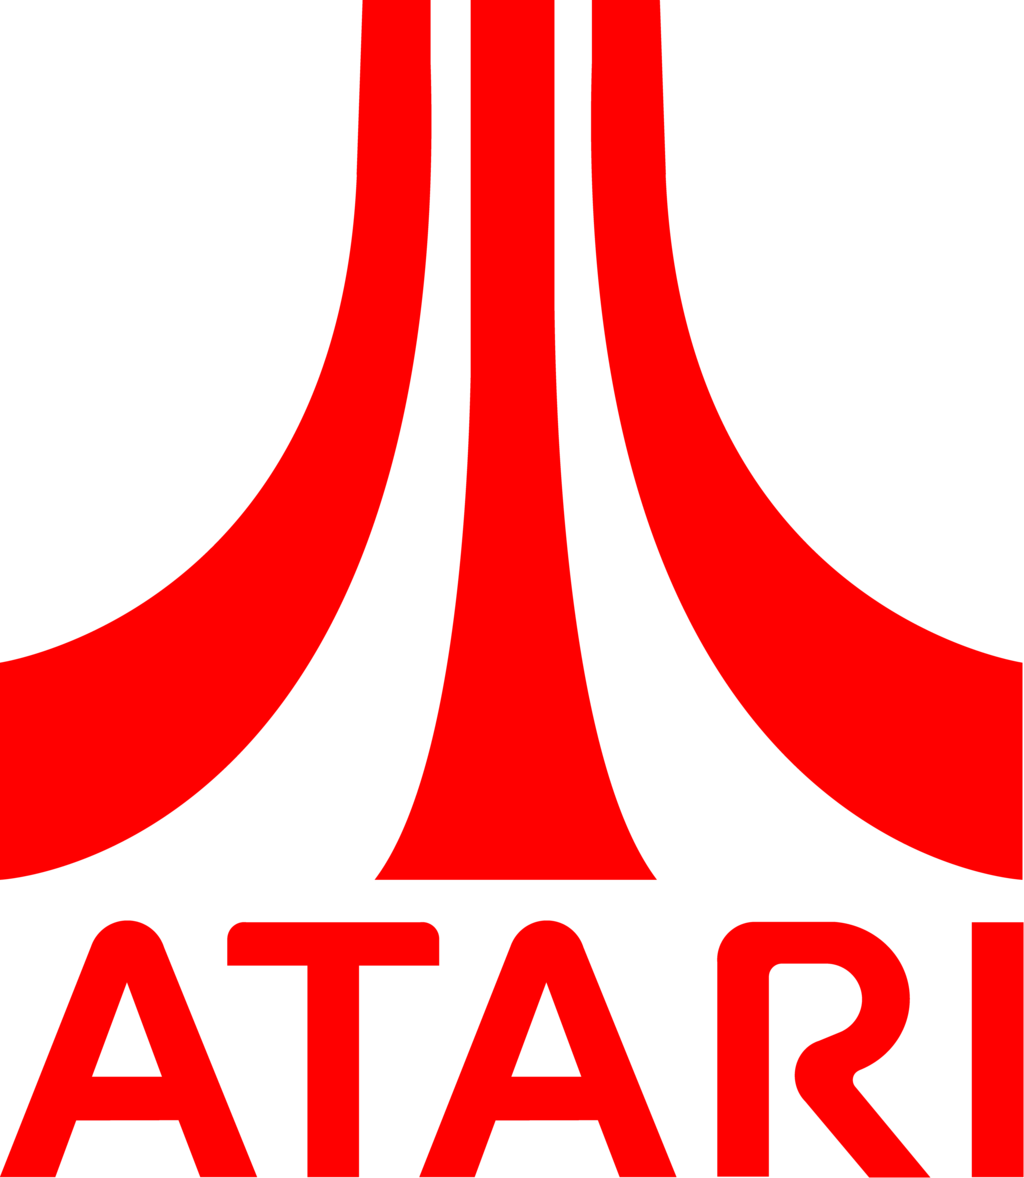 Logo Atari PNG - 35715